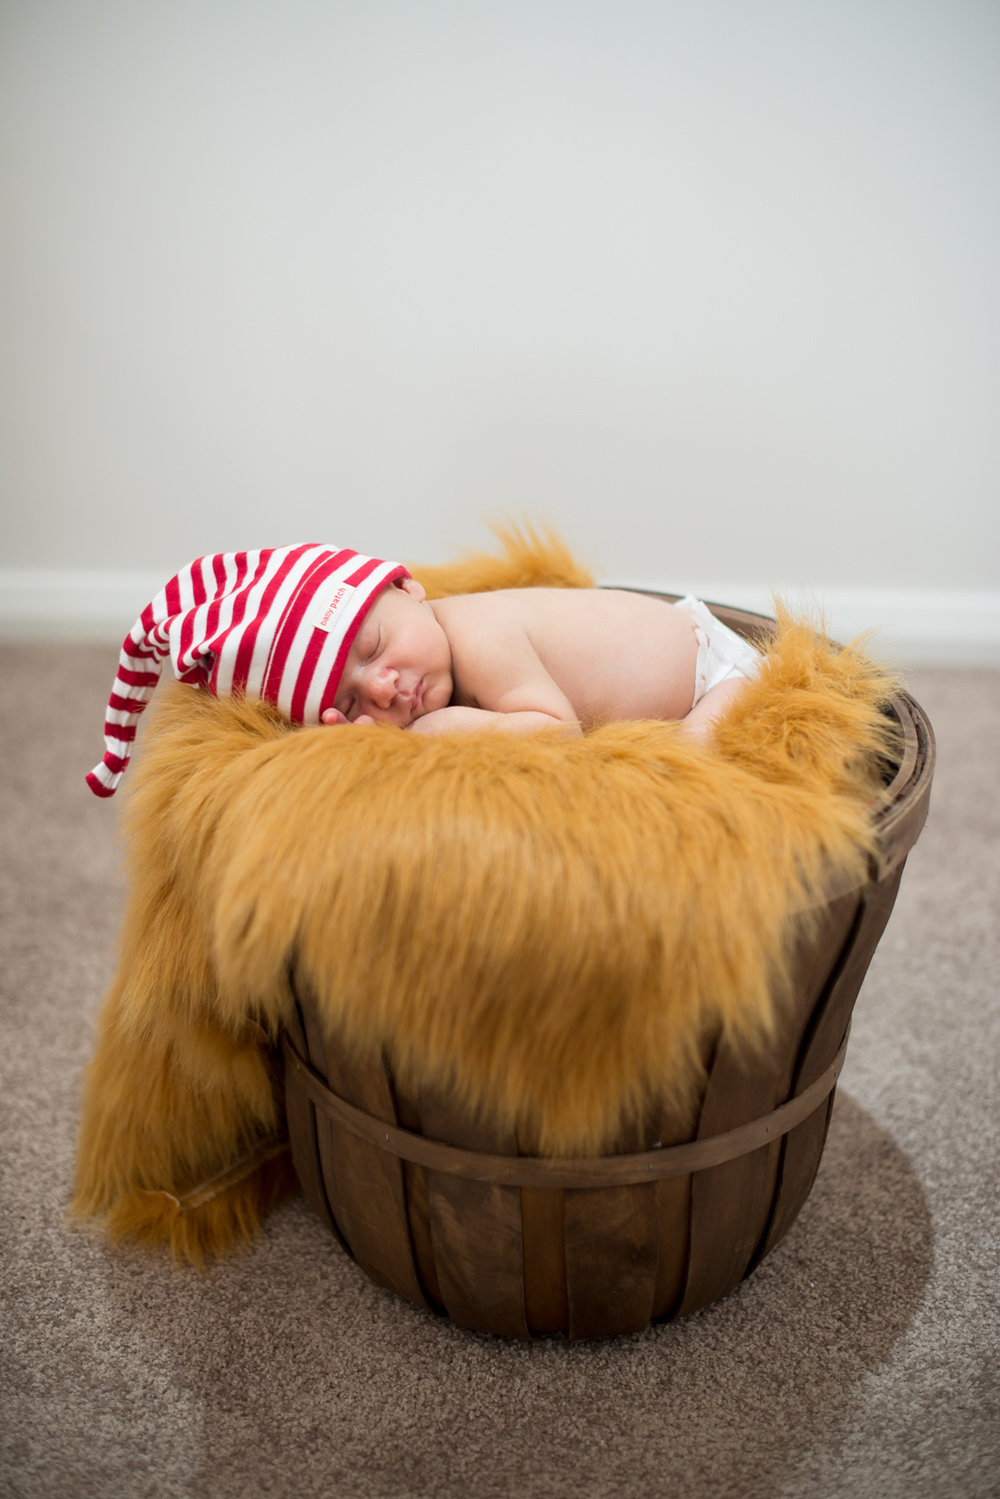 Baby IMAGE 025 - 8467.jpg